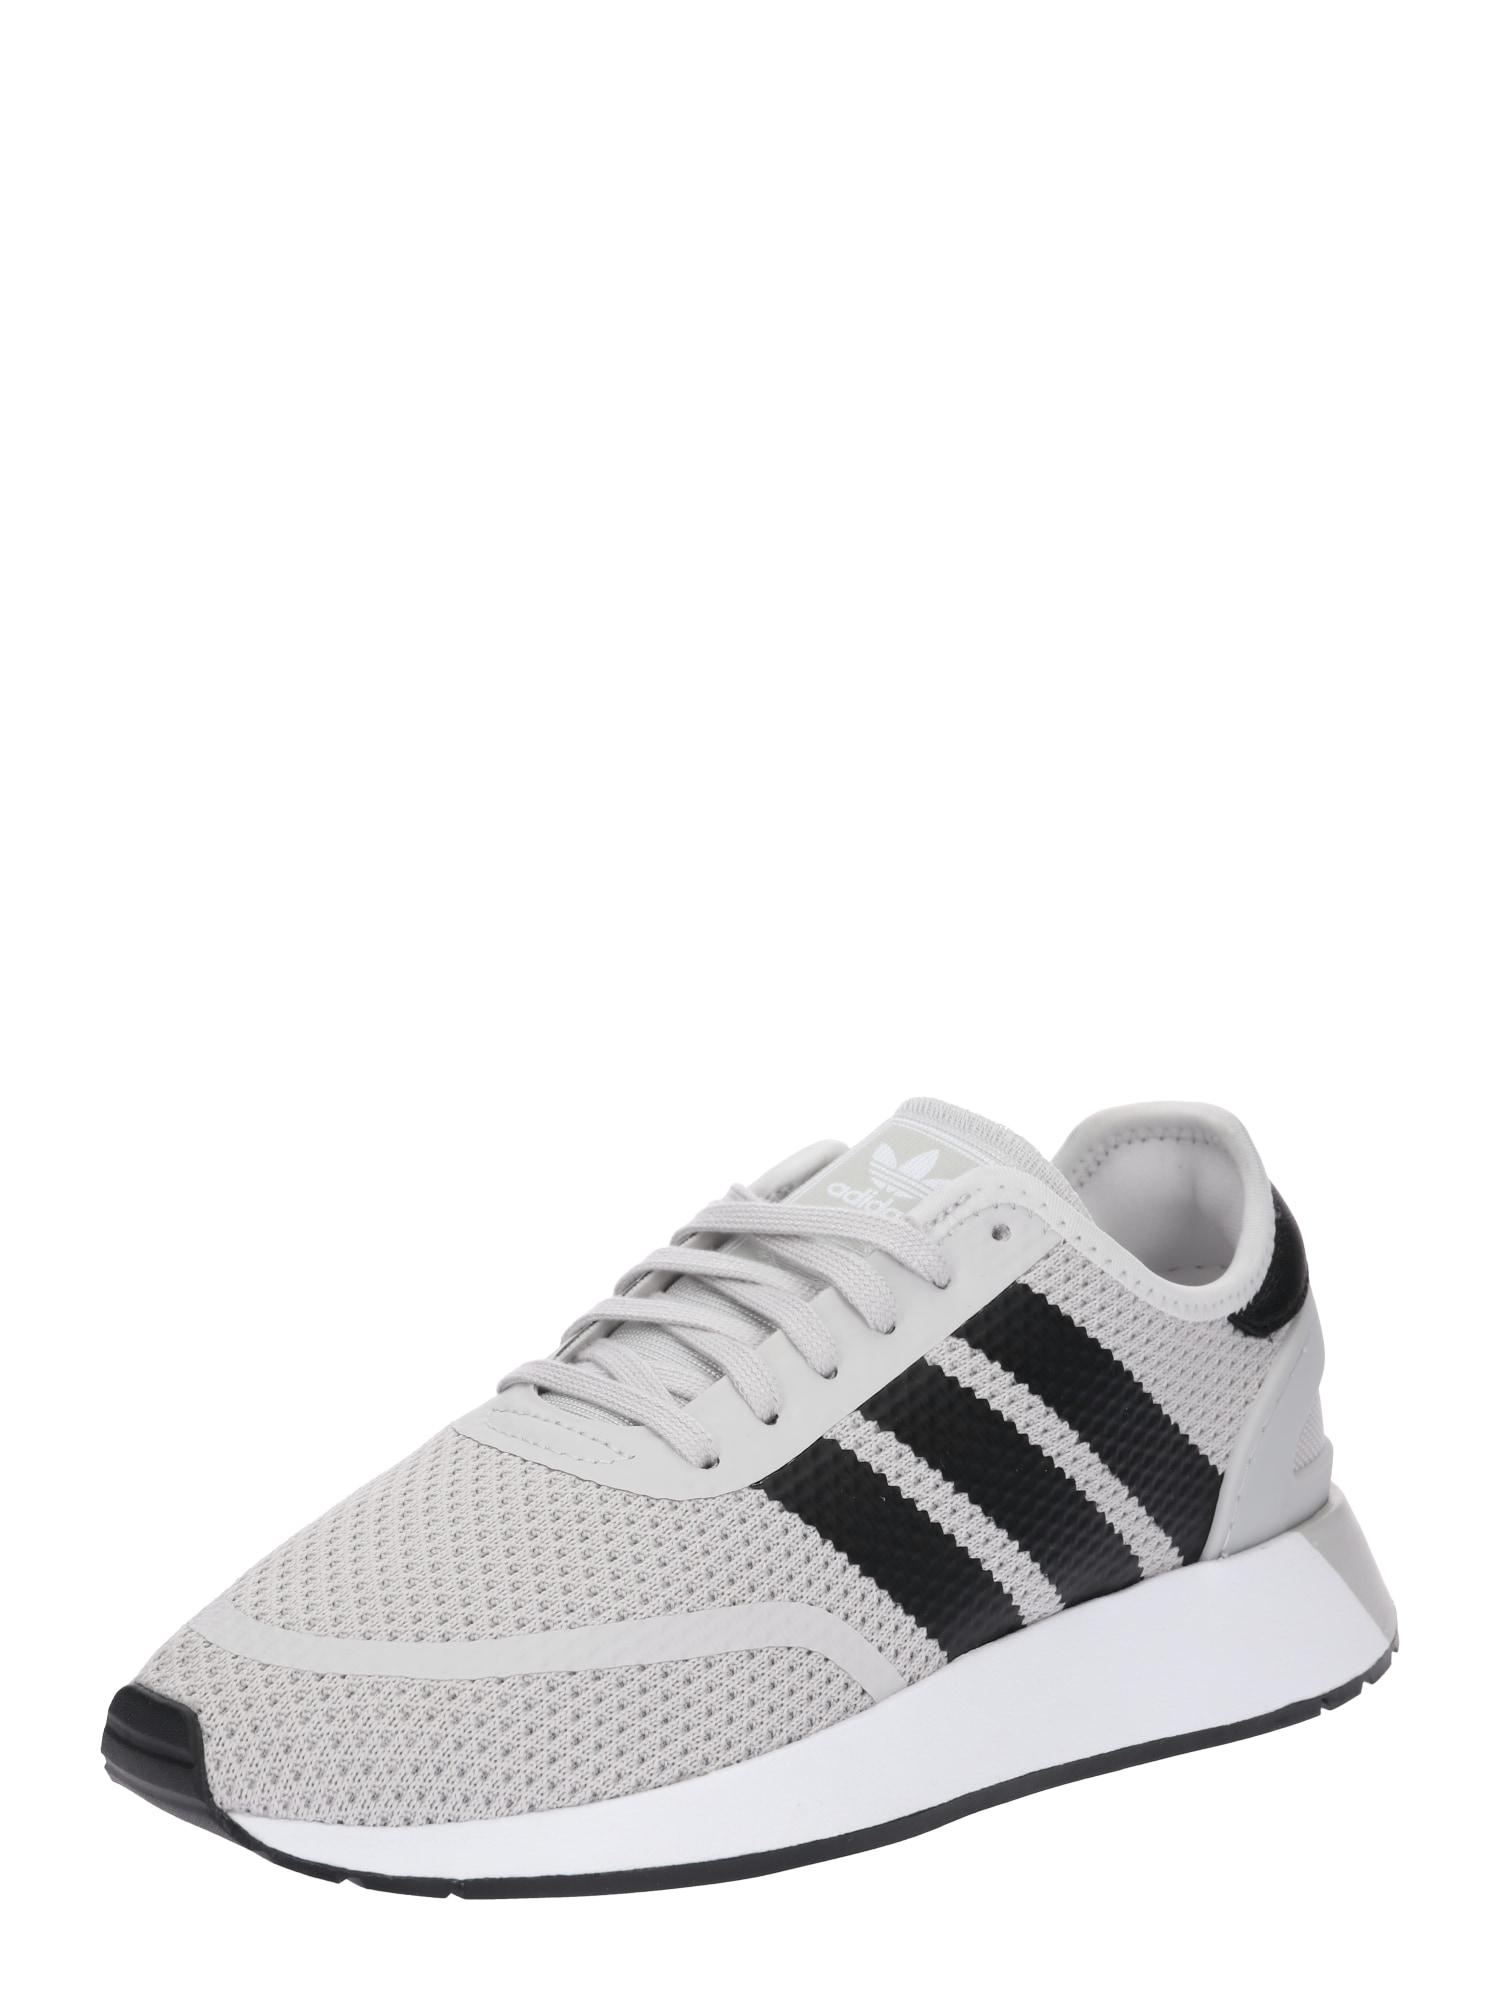 ADIDAS ORIGINALS, Heren Sneakers laag 'N-5923', grijs / zwart